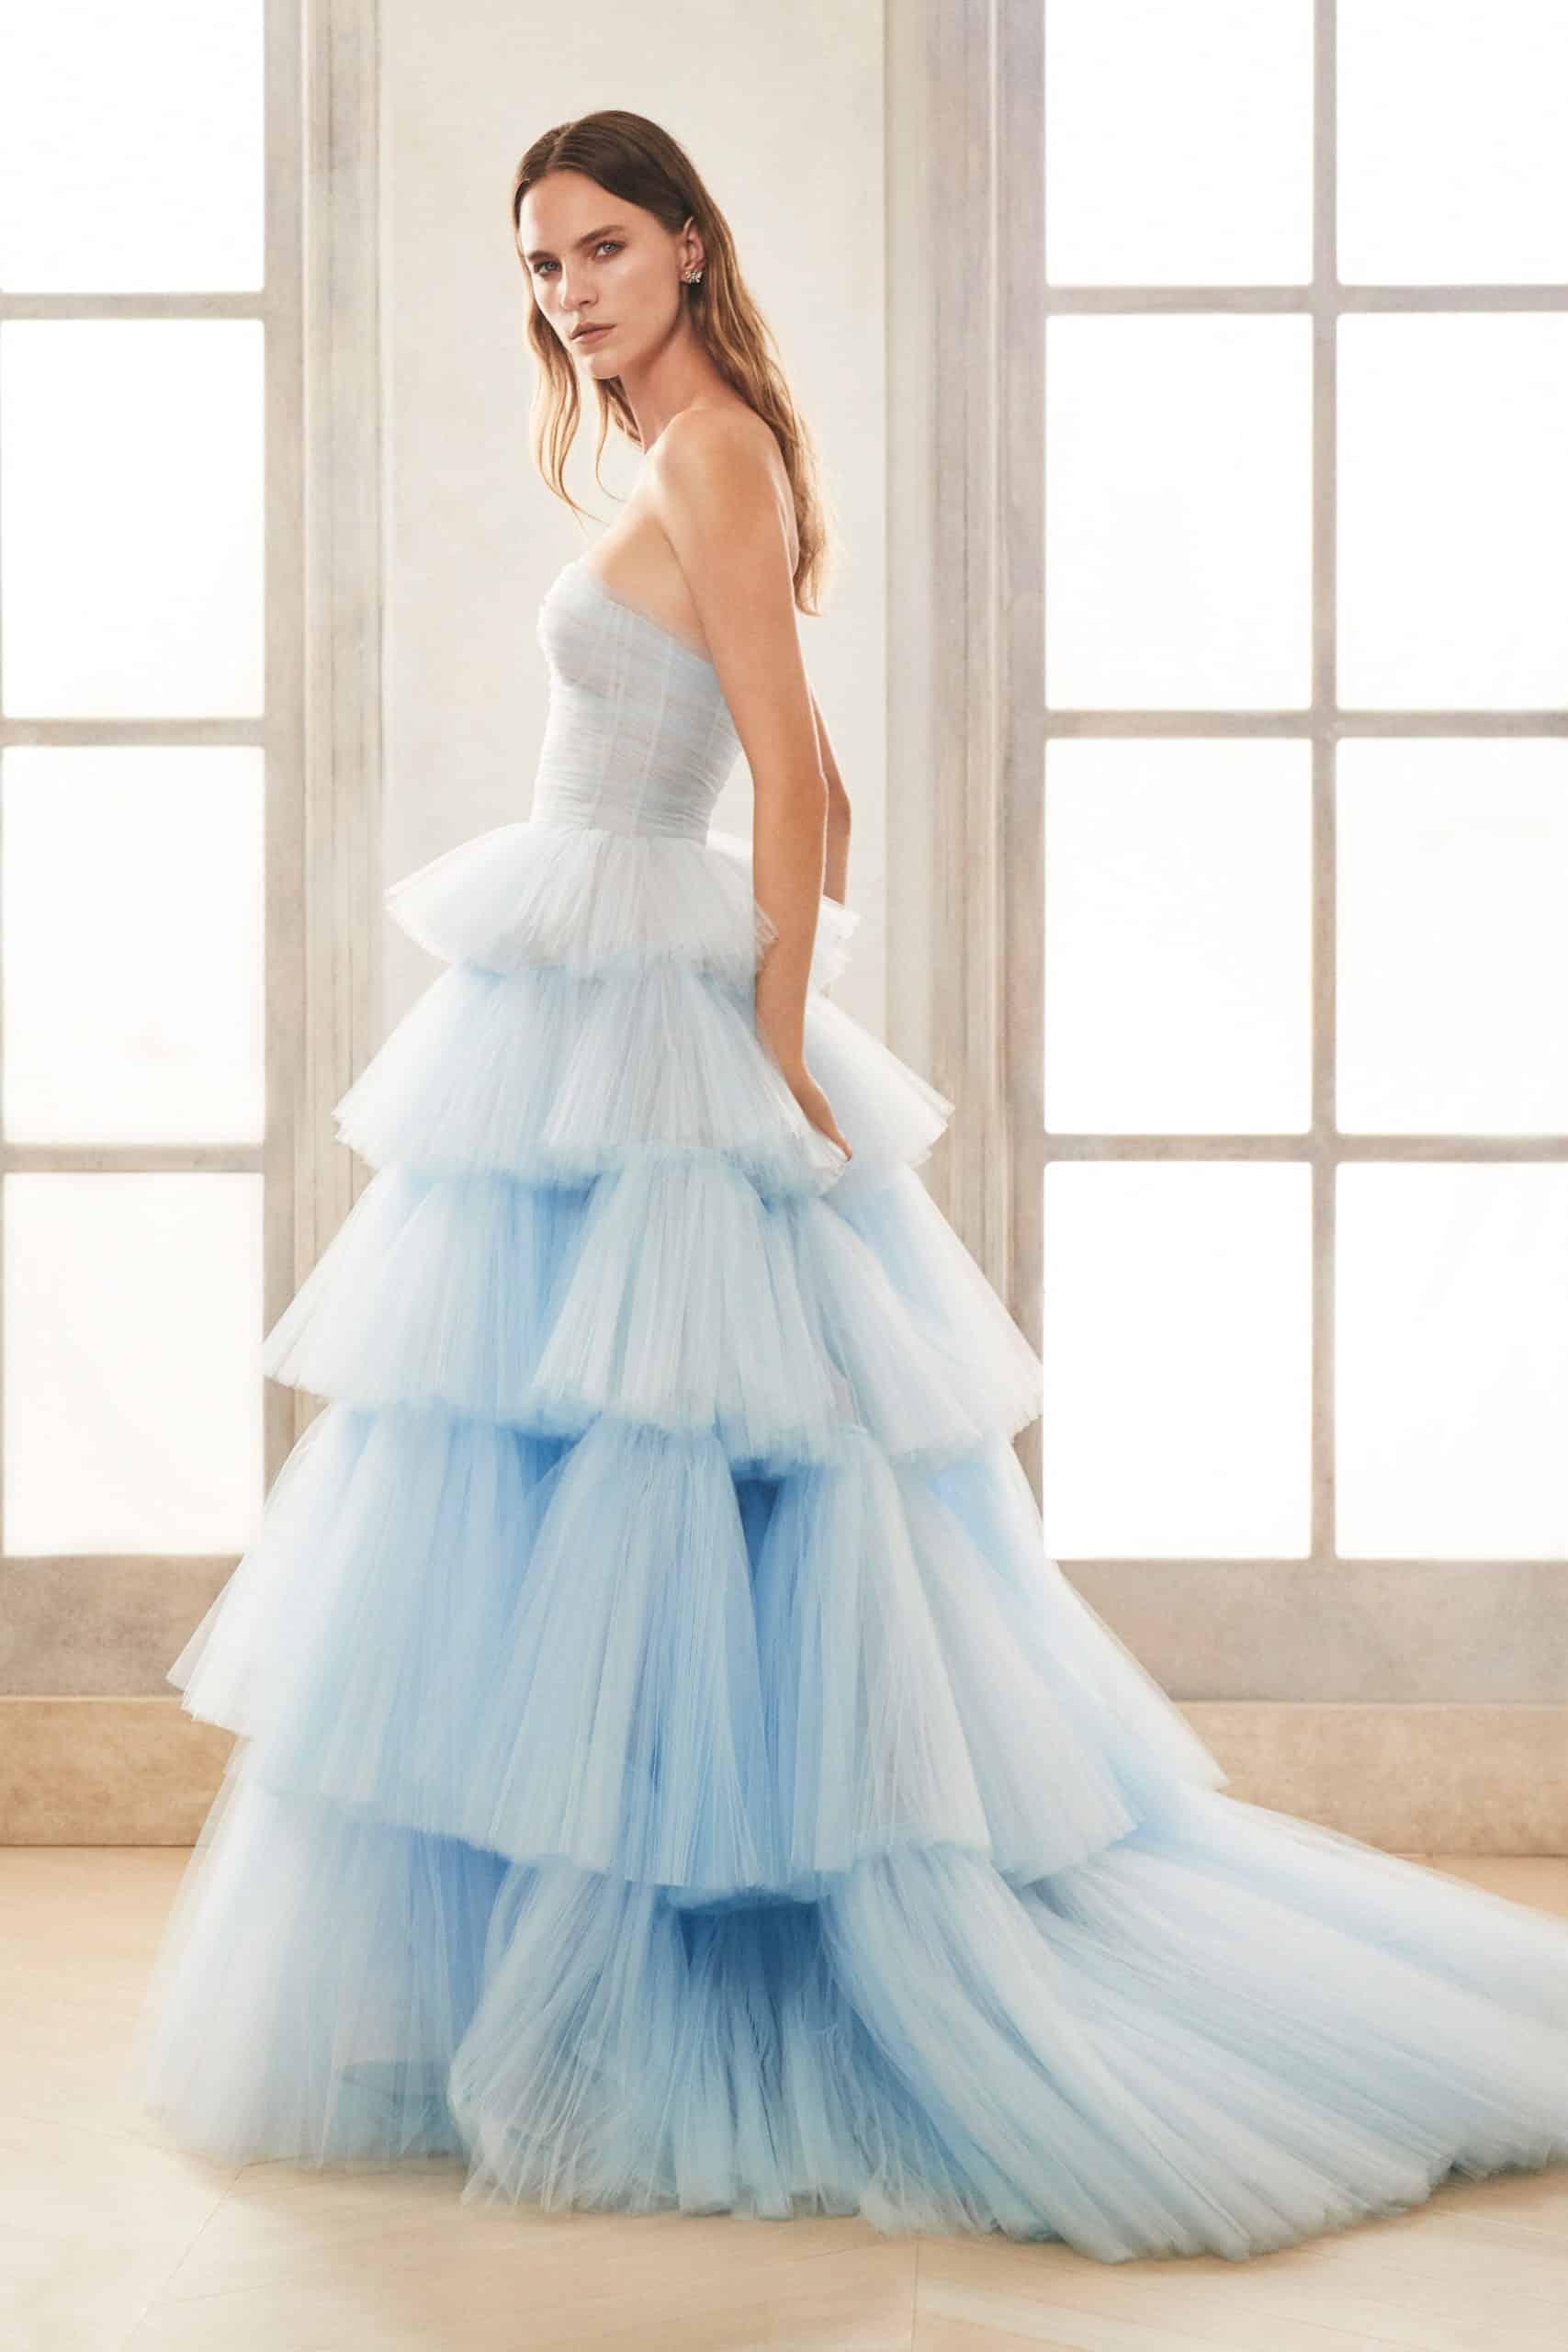 blue tulle strapless wedding dress by Oscar de la Renta